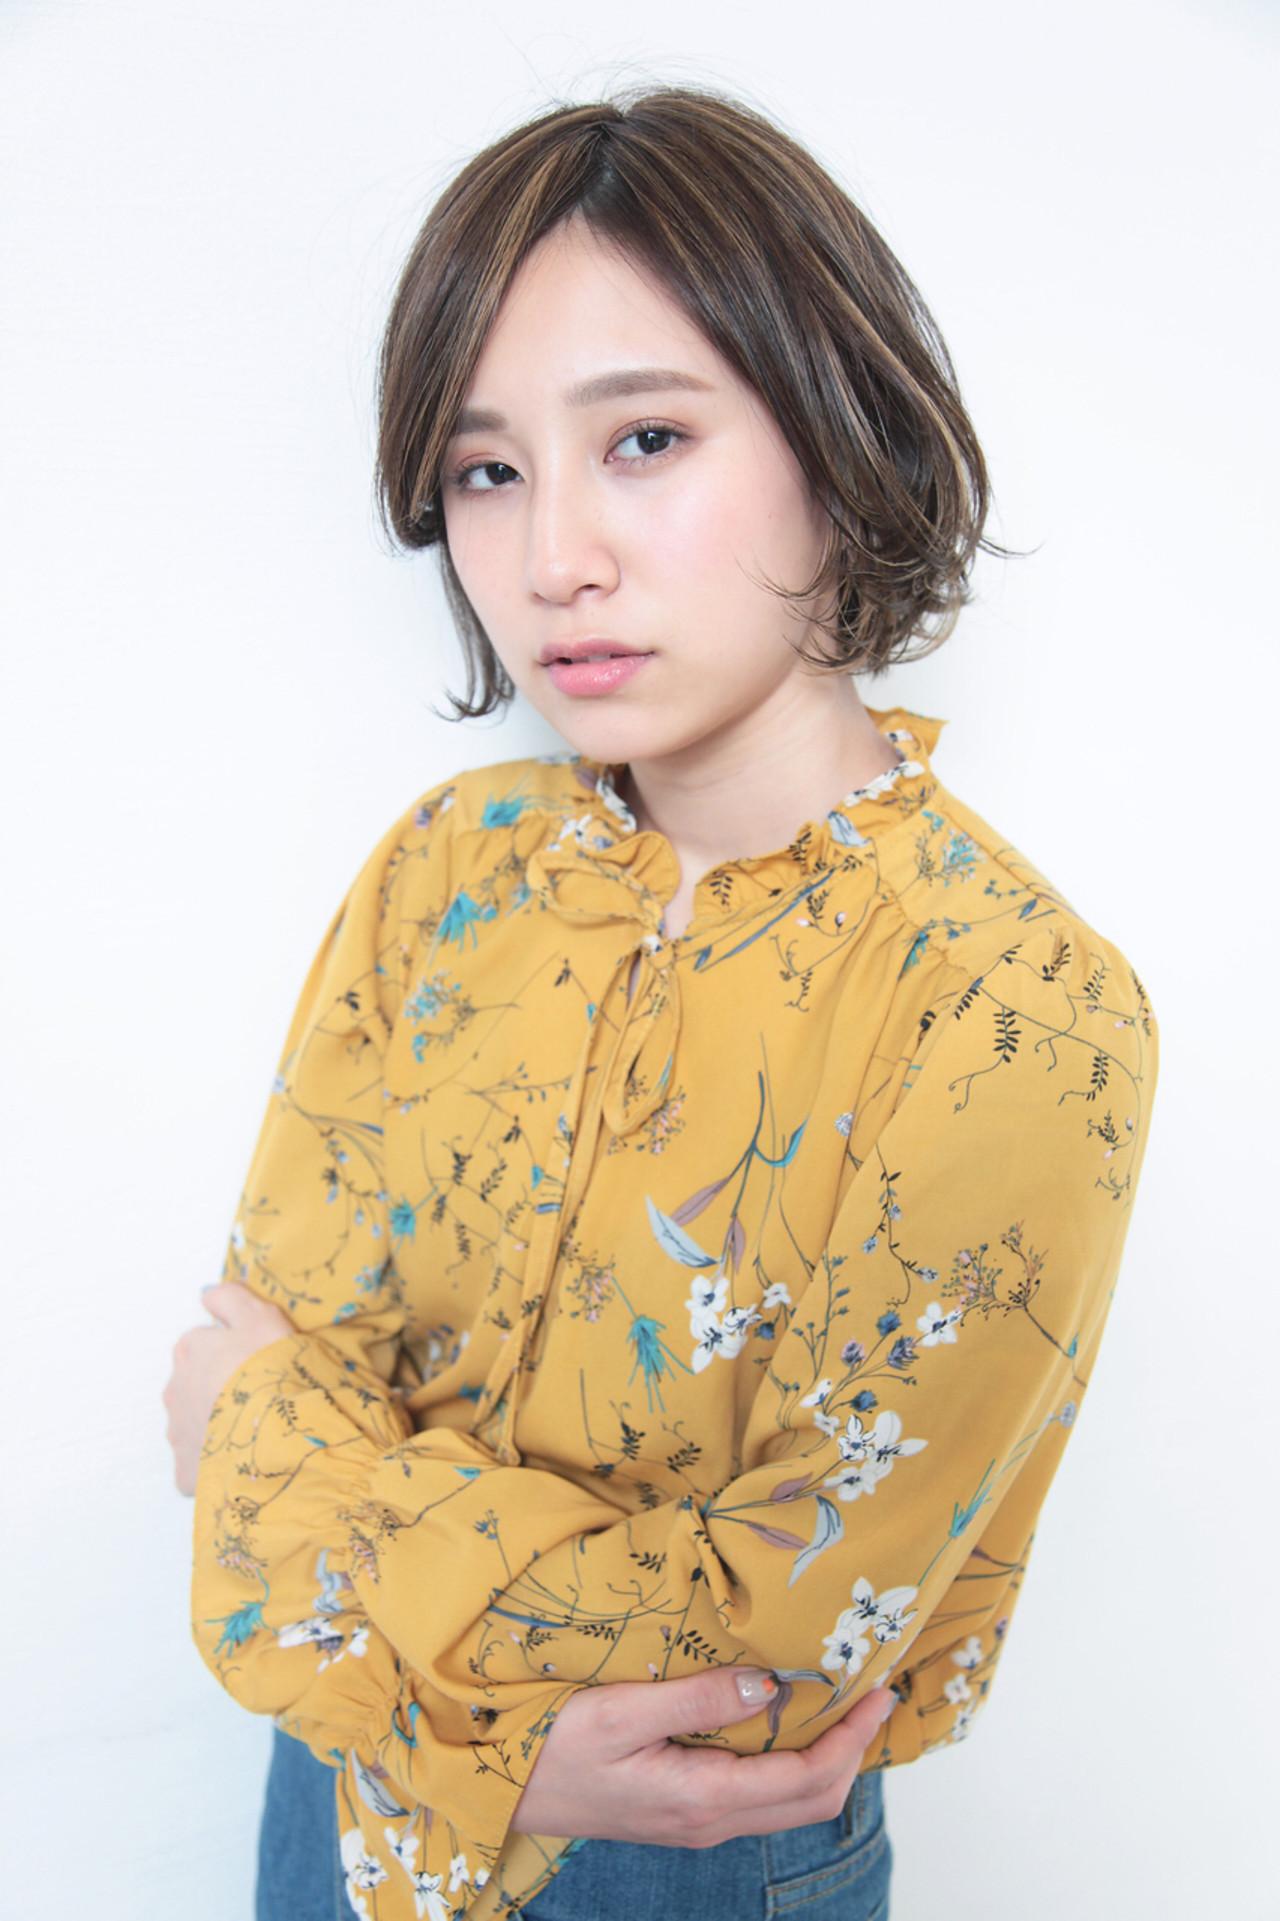 きれいなセンター分けが知りたい!センター分け美人のヘアカタログ10選 畑山拓也  Baco.